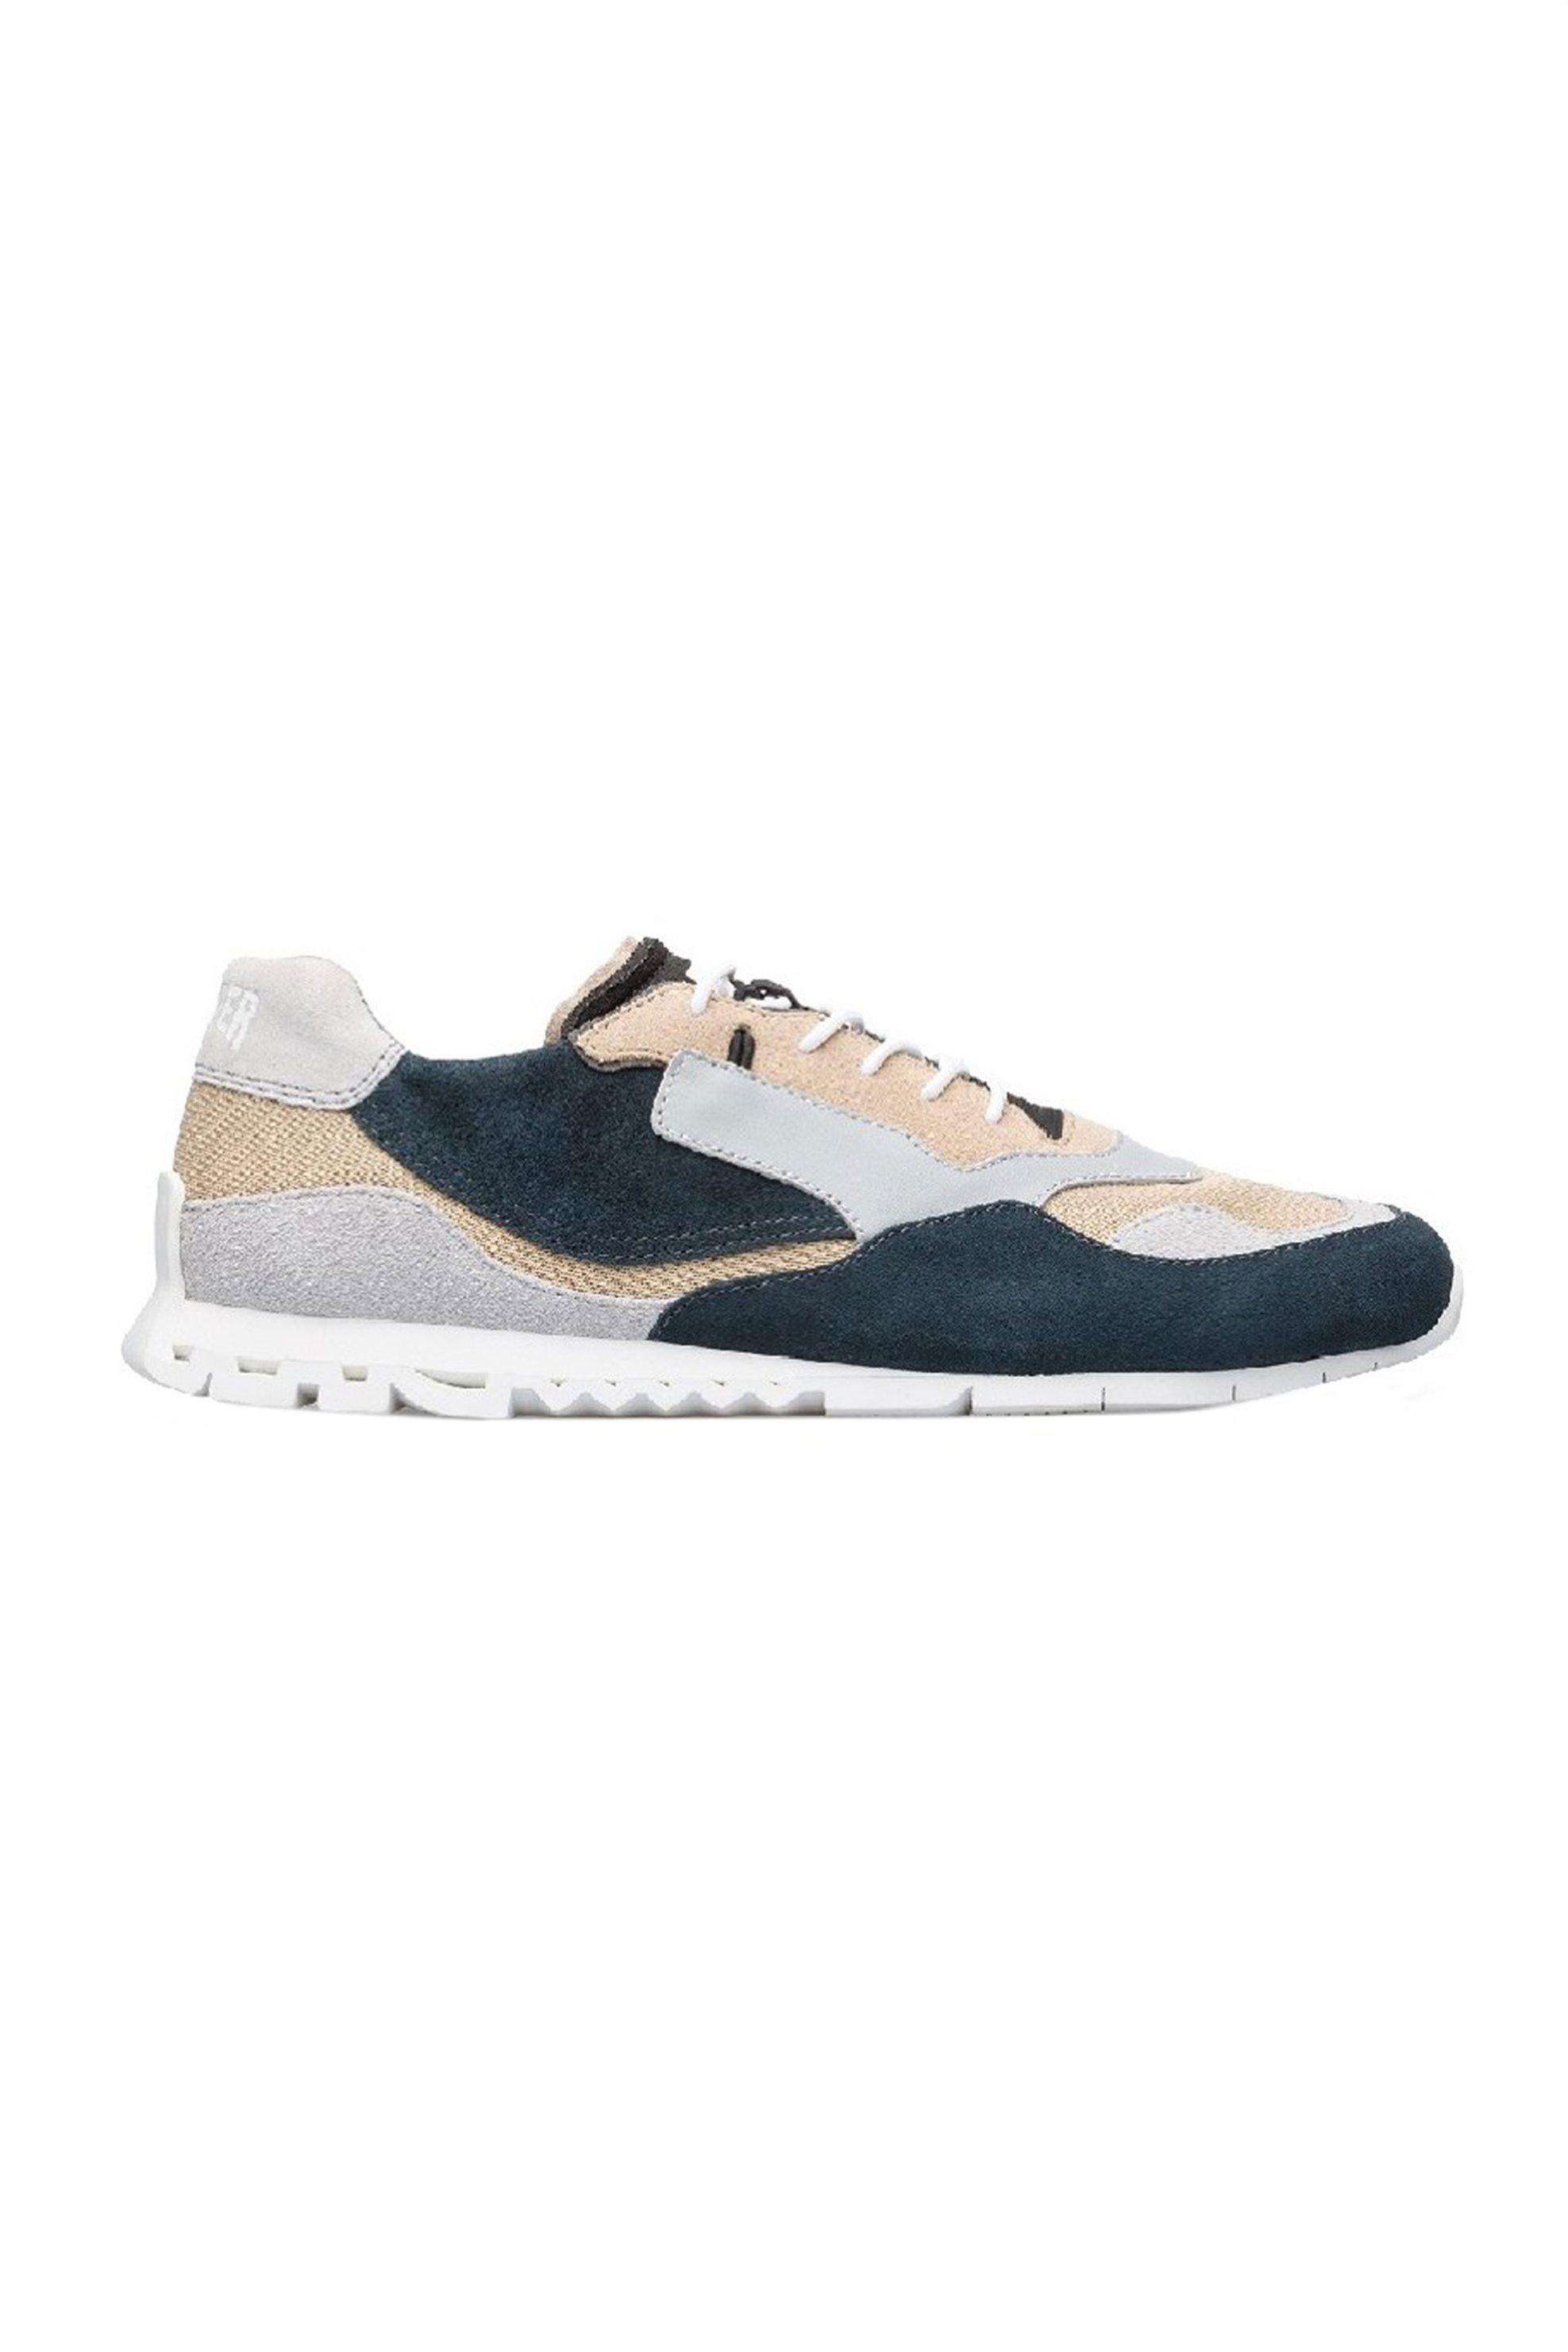 Camper ανδρικά sneakers multicolor – K100436-020 – Μπεζ